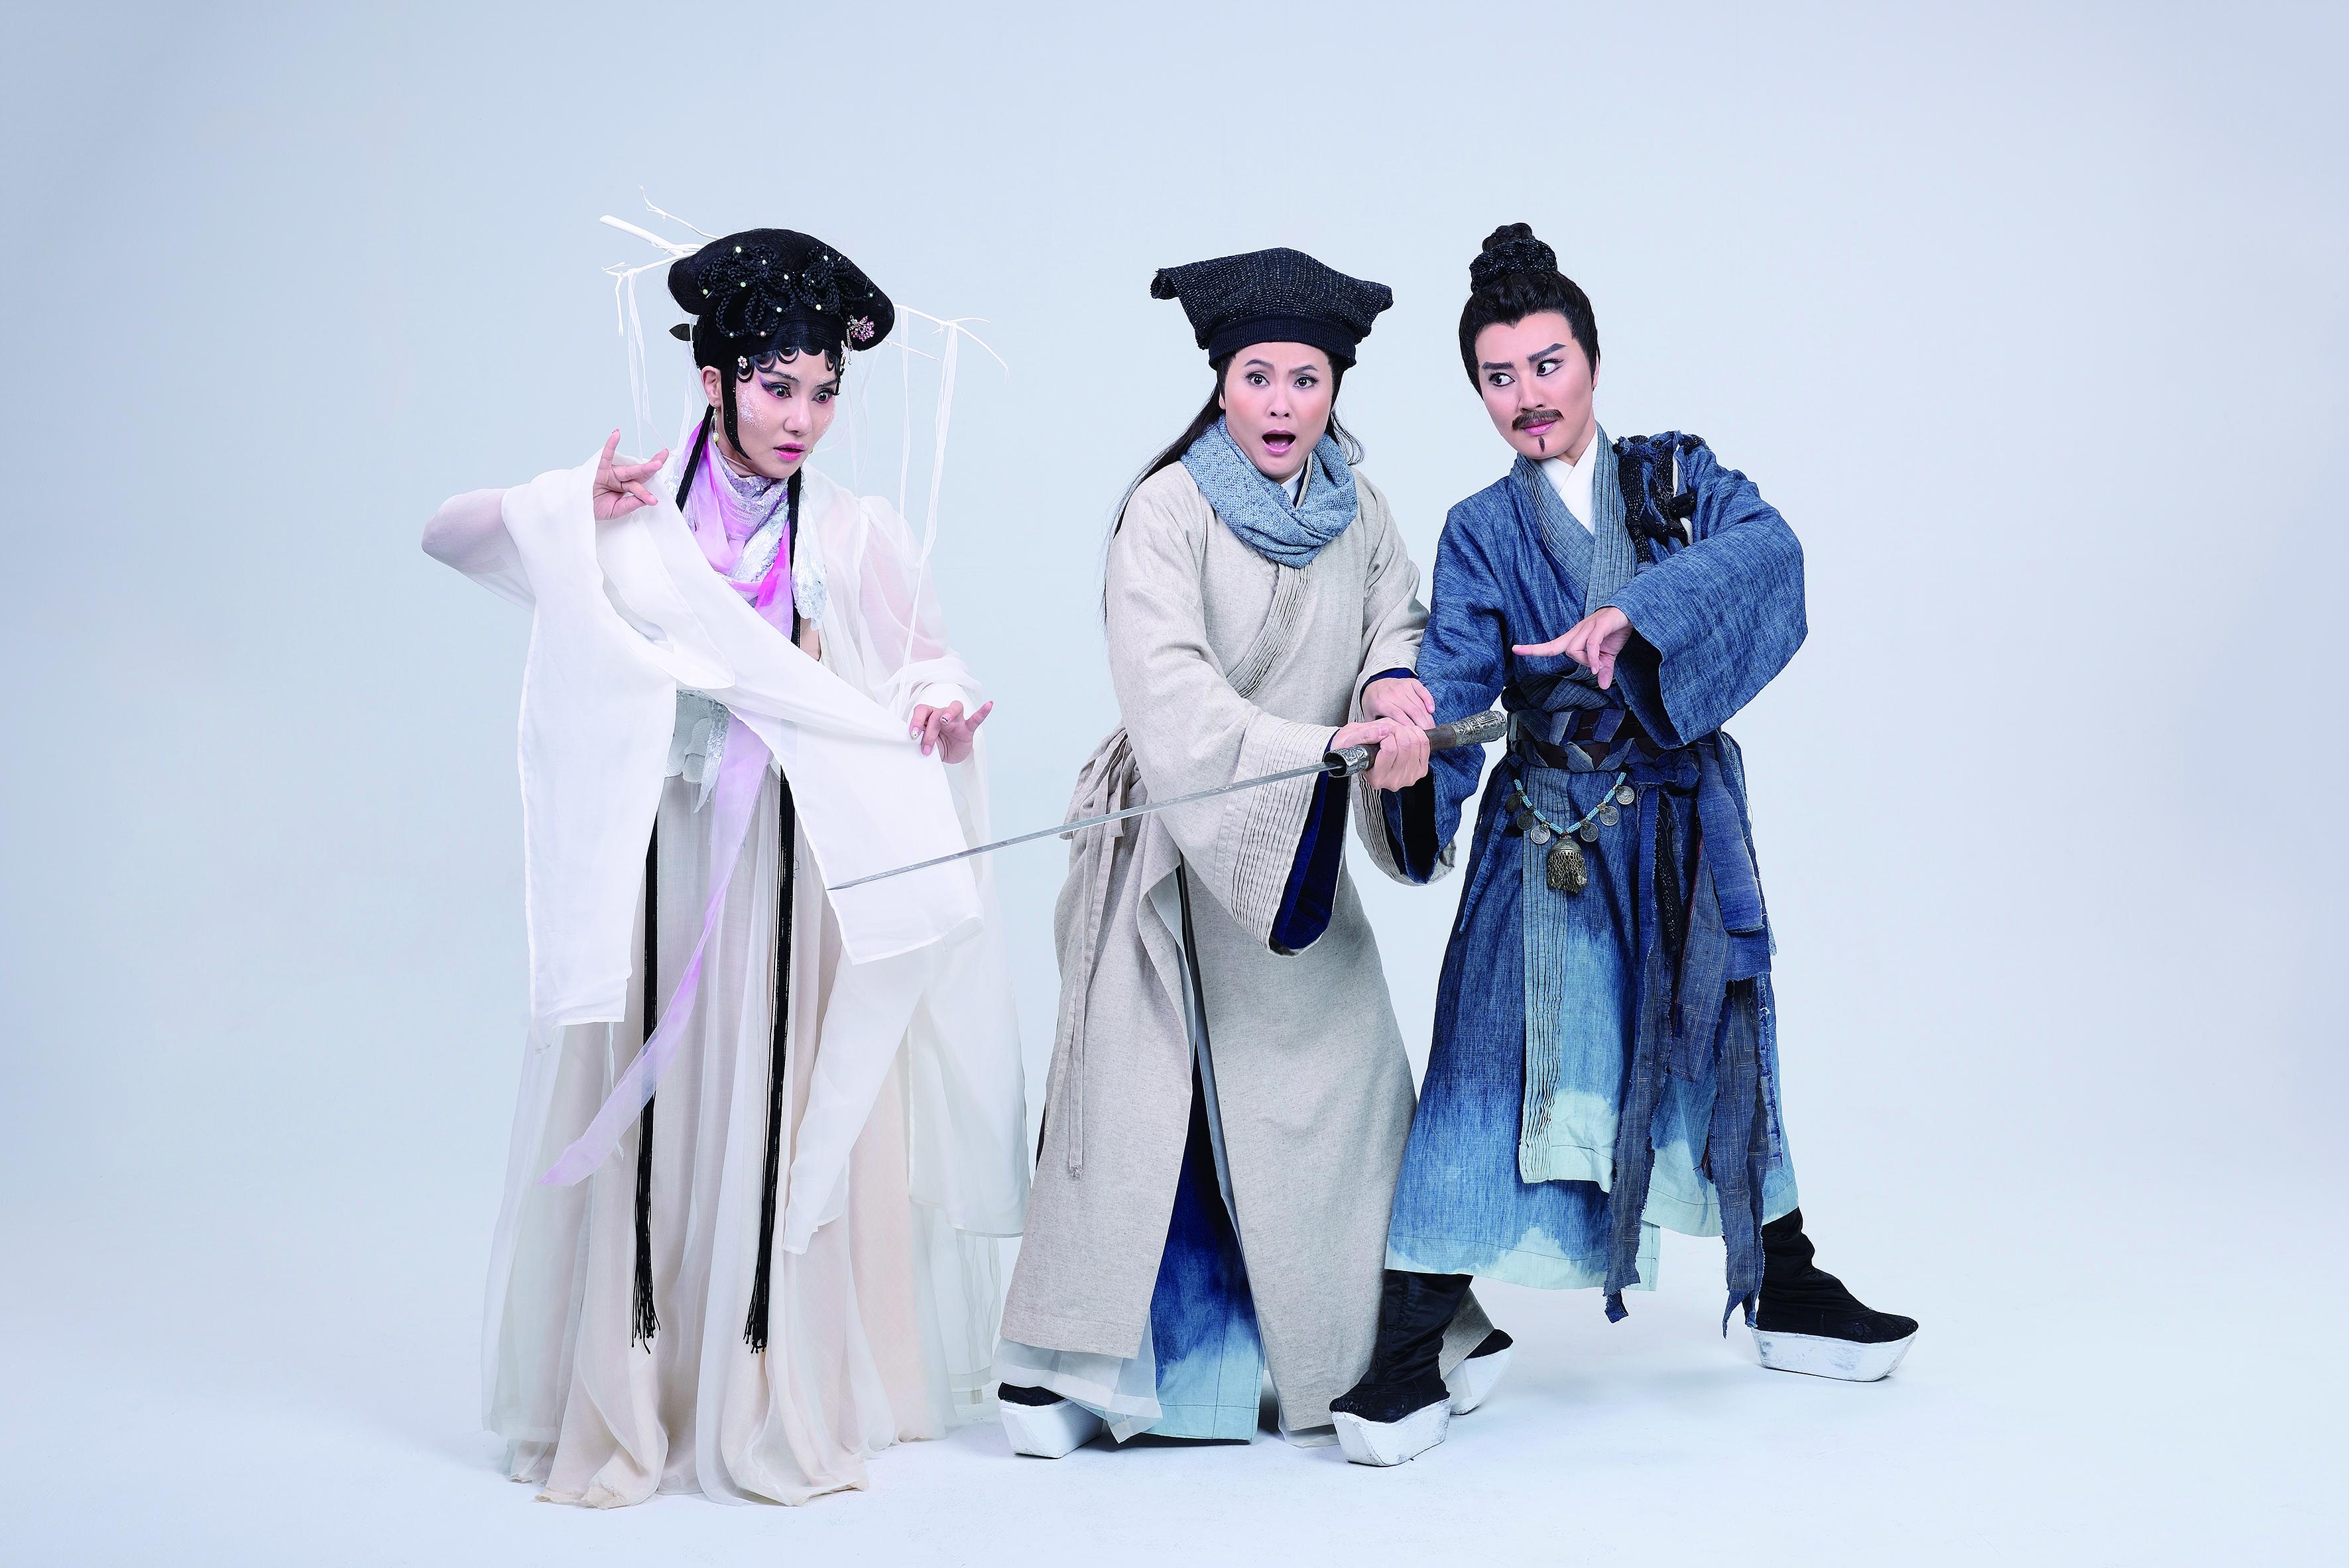 4 臺灣豫劇團《蘭若寺》素材來自《聊齋誌異》,亦為影視圈多次改編的作品之一。.jpg